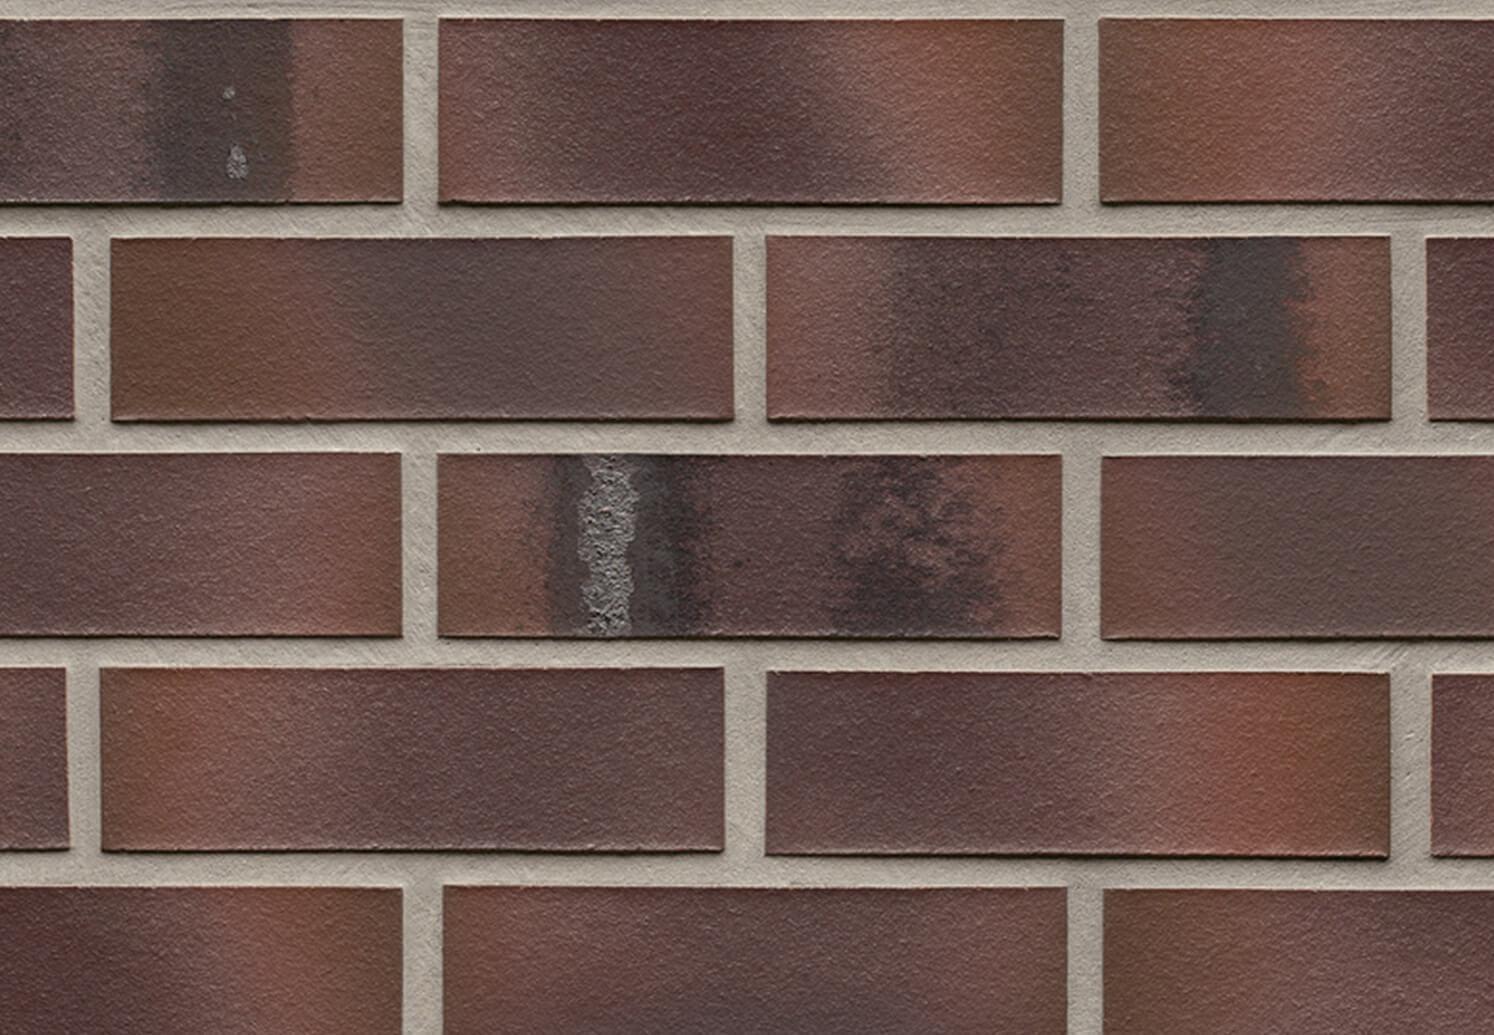 Облицовочная клинкерная плитка Feldhaus Klinker, Carbona, R561NF14, carmesi maritimo, поверхность расплавленный обжиг